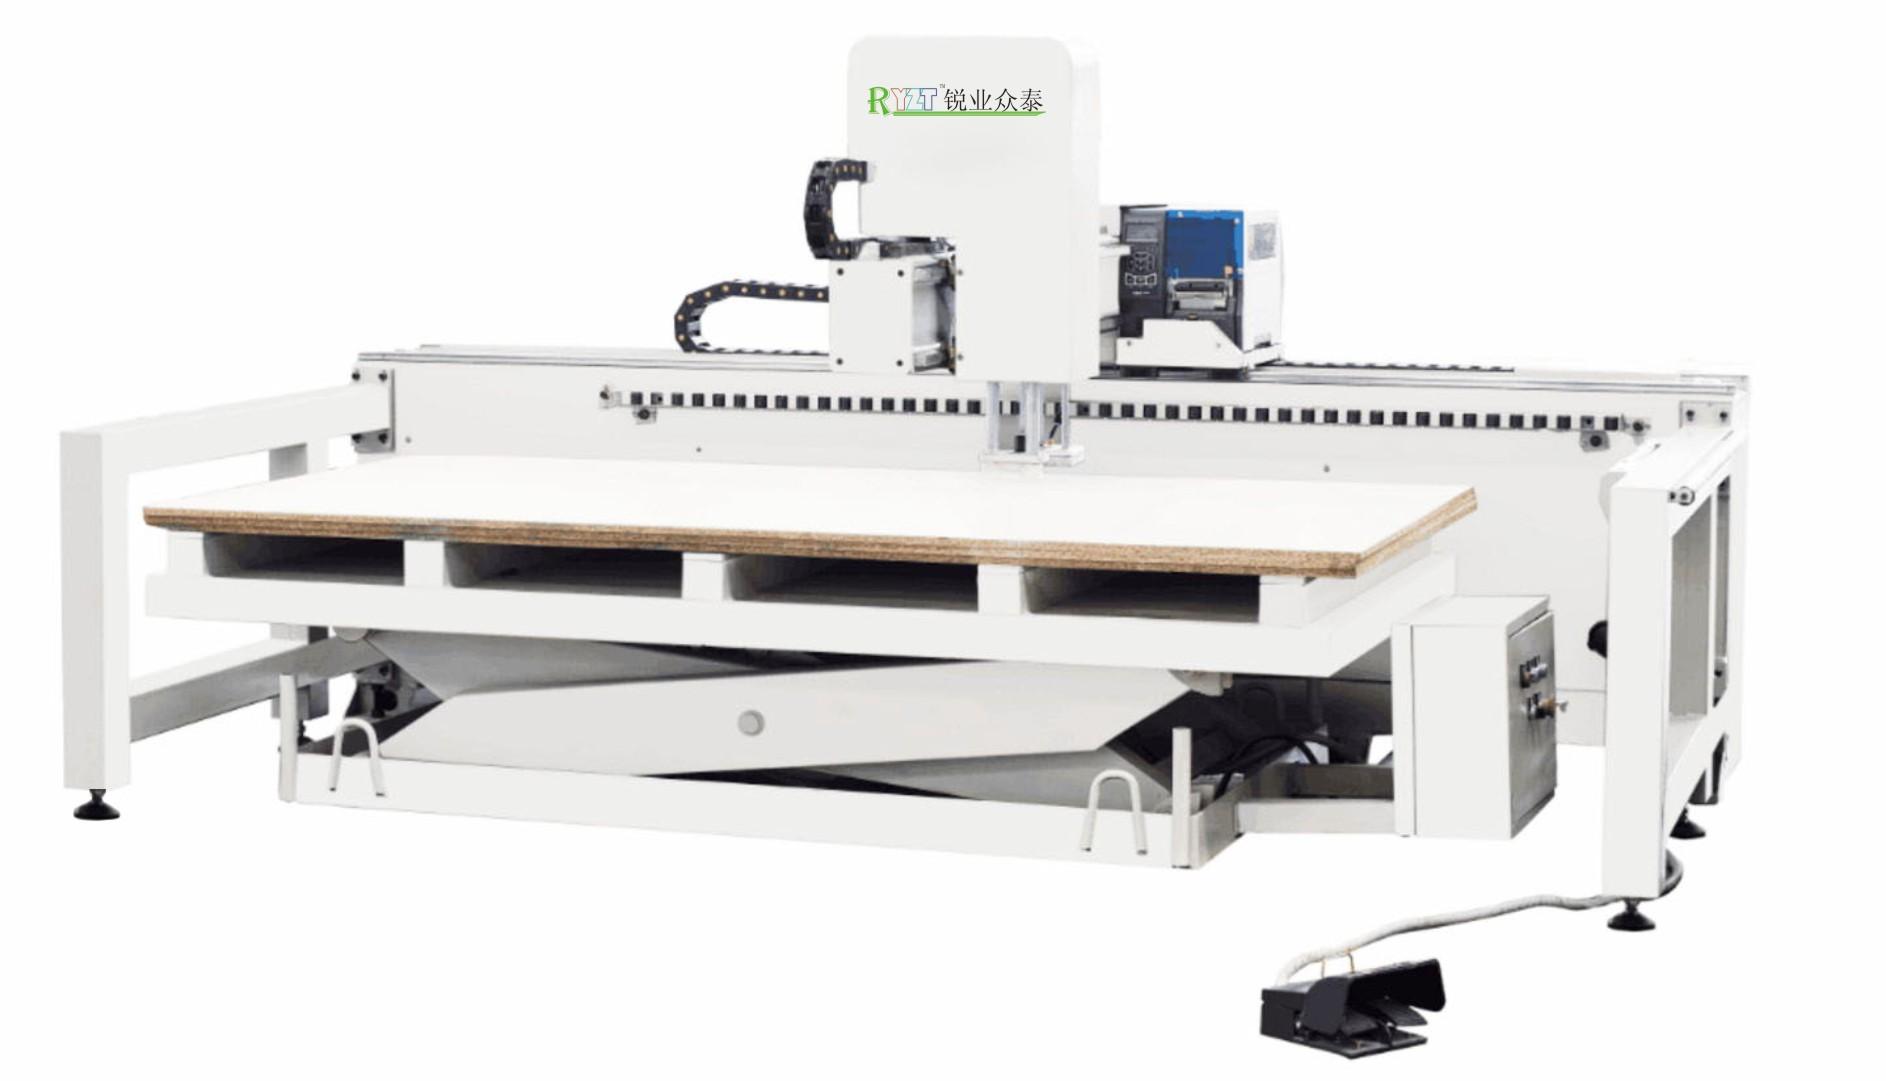 佛山价格实惠的佛山木工机械出售 佛山定制家具机械